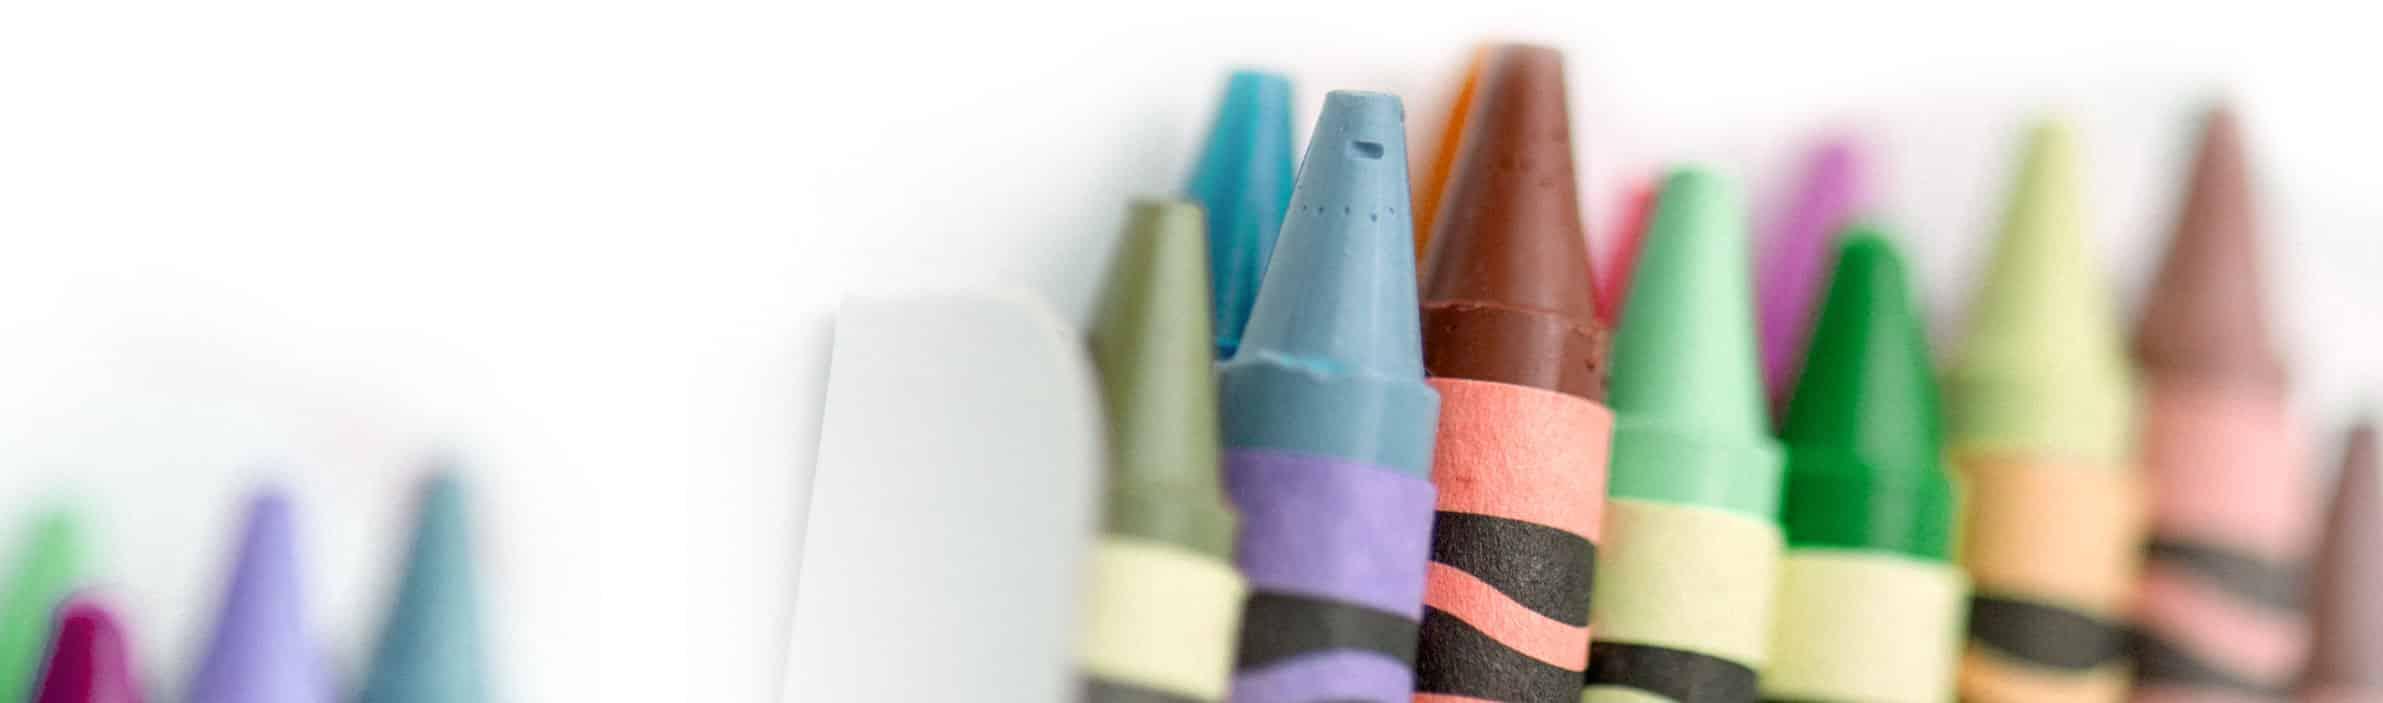 close up shot of crayons